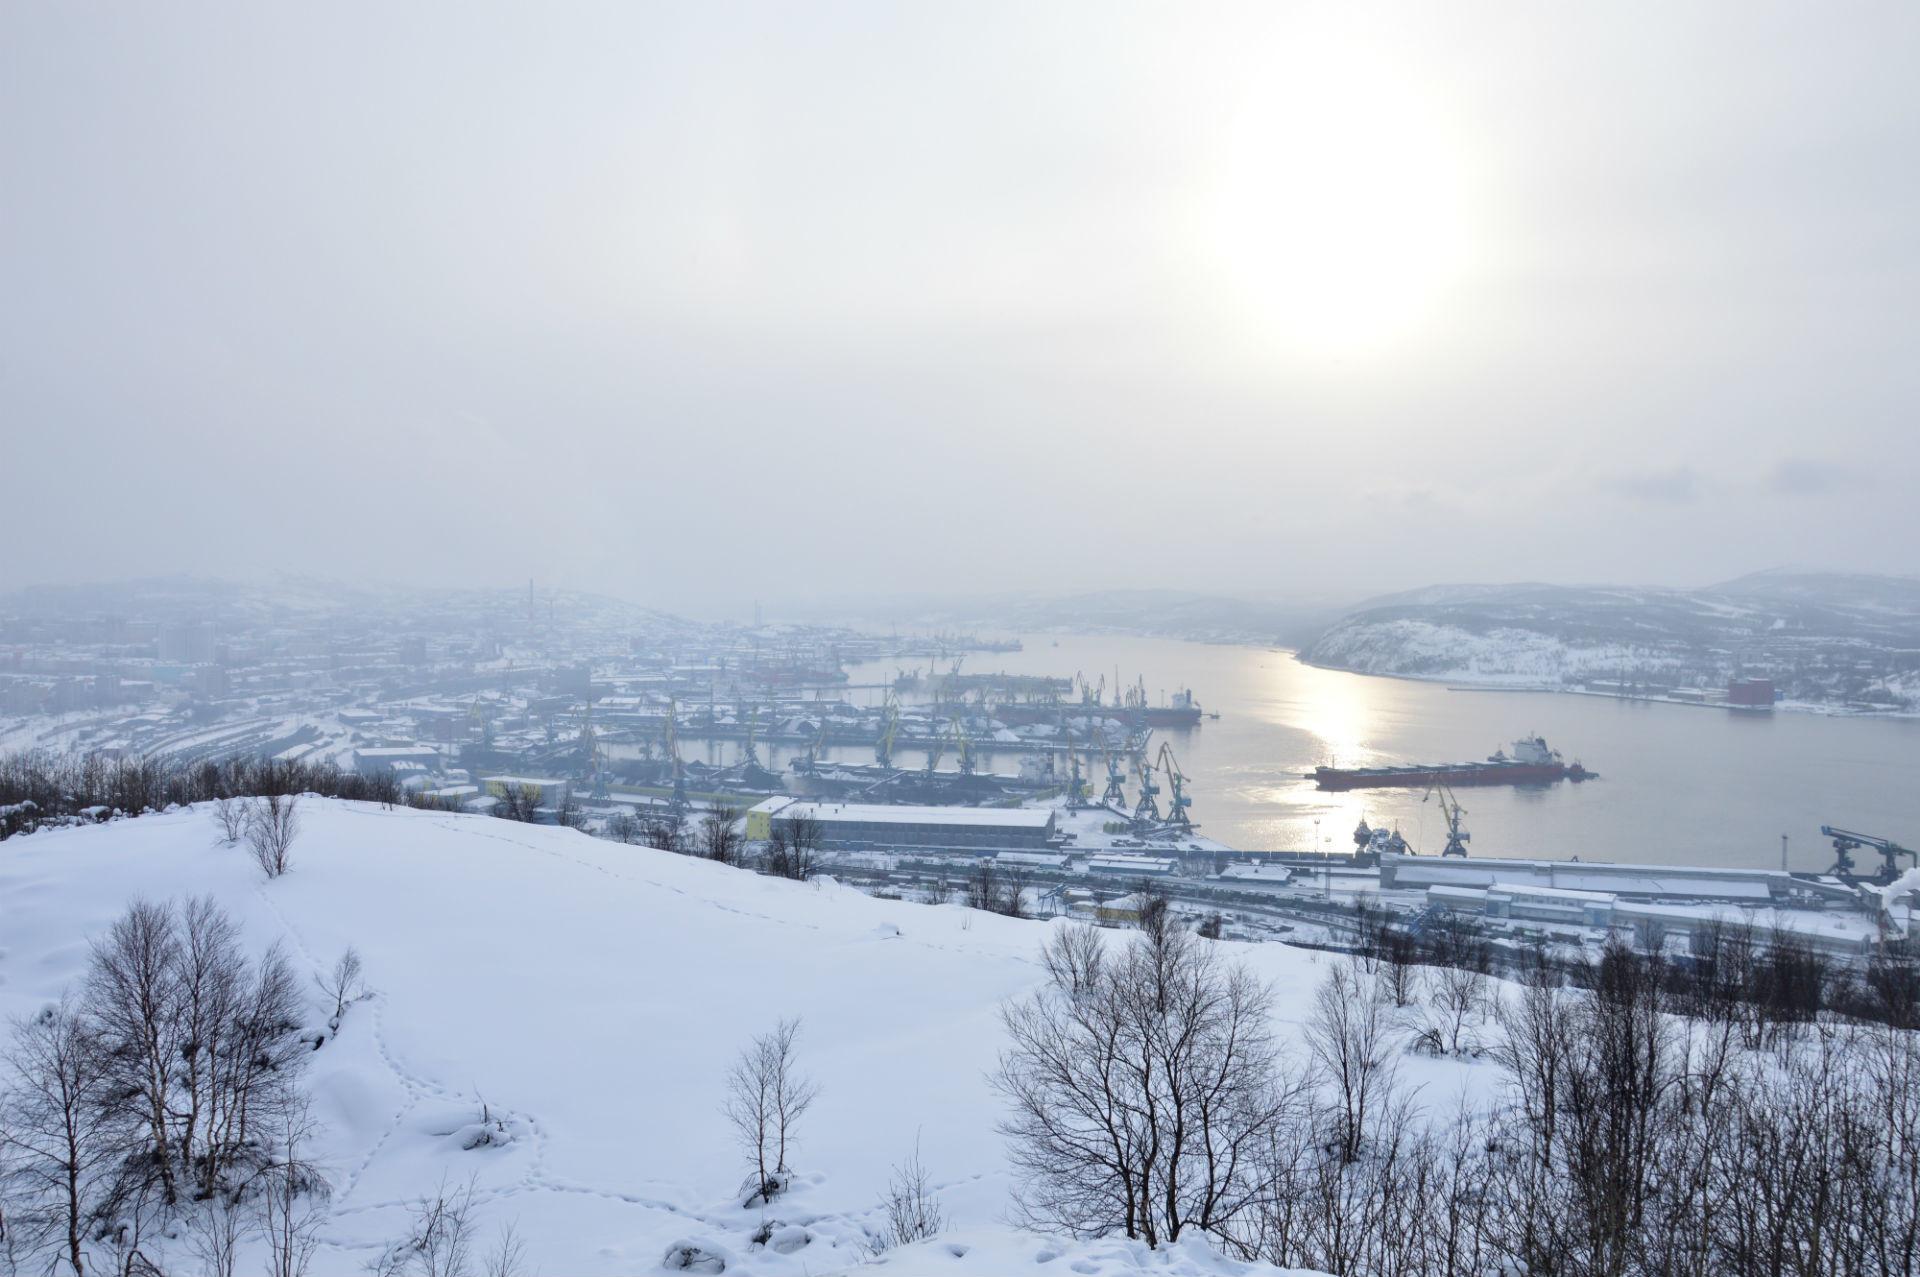 L'orizzonte scompare dietro una spessa cortina di neve e nebbia